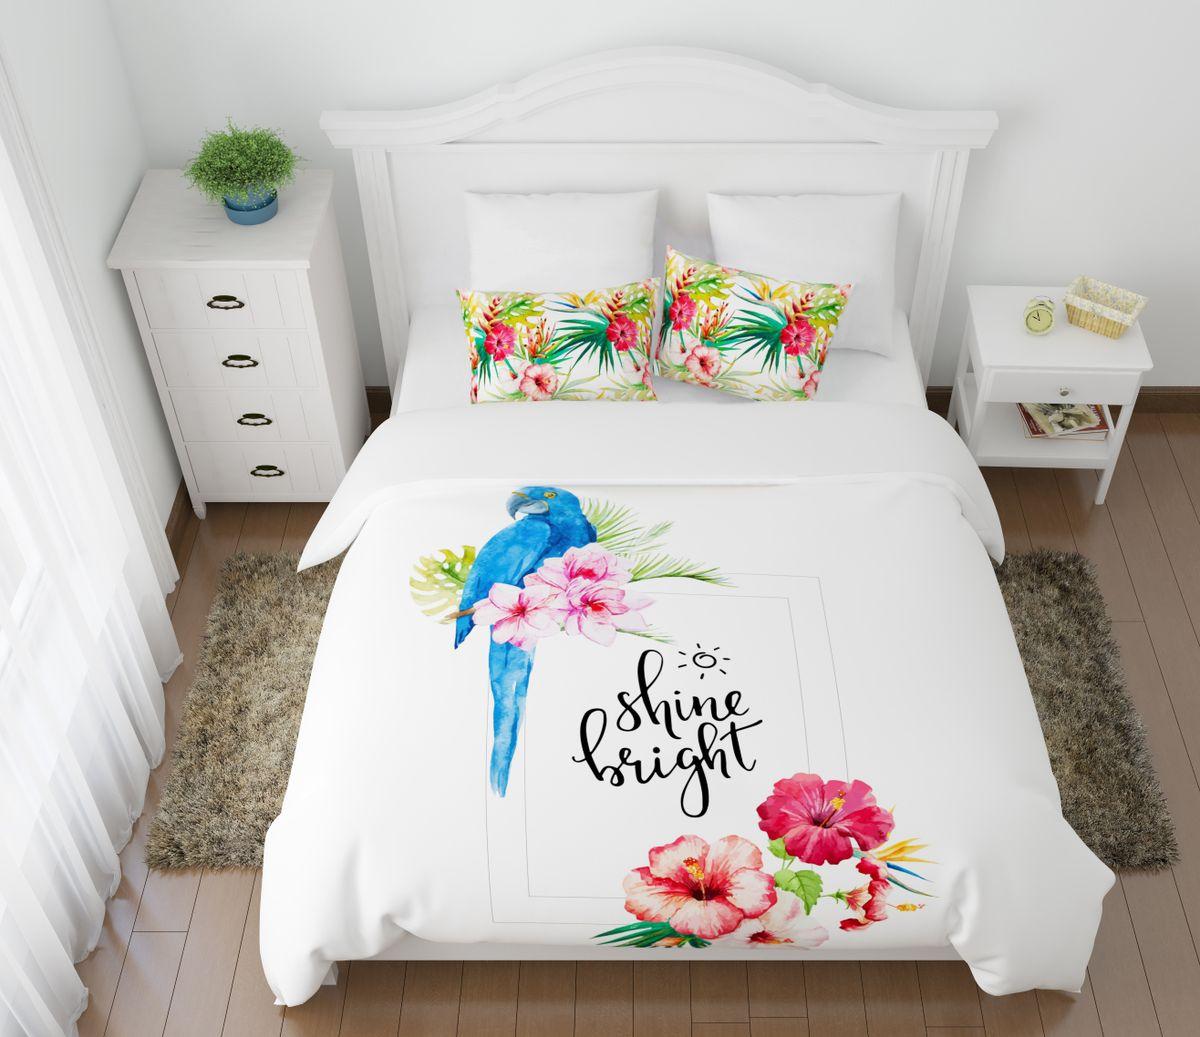 Комплект белья Сирень Голубой попугай, евро, наволочки 50x70, 70х7068/5/3Комплект постельного белья Сирень выполнен из прочной и мягкой ткани. Четкий и стильный рисунок в сочетании с насыщенными красками делают комплект постельного белья неповторимой изюминкой любого интерьера. Постельное белье идеально подойдет для подарка. Идеальное соотношение смешенной ткани и гипоаллергенных красок это гарантия здорового, спокойного сна. Ткань хорошо впитывает влагу, надолго сохраняет яркость красок. Цвет простыни, пододеяльника, наволочки в комплектации может немного отличаться от представленного на фото. В комплект входят: простыня - 220 х 240 см; пододельяник 200 х 220 см; наволочка - 50 х 70 см 2 шт, 70 х 70 см 2 шт.Постельное белье легко стирать при 30-40 градусах, гладить при 150 градусах, не отбеливать. Рекомендуется перед первым изпользованием постирать.